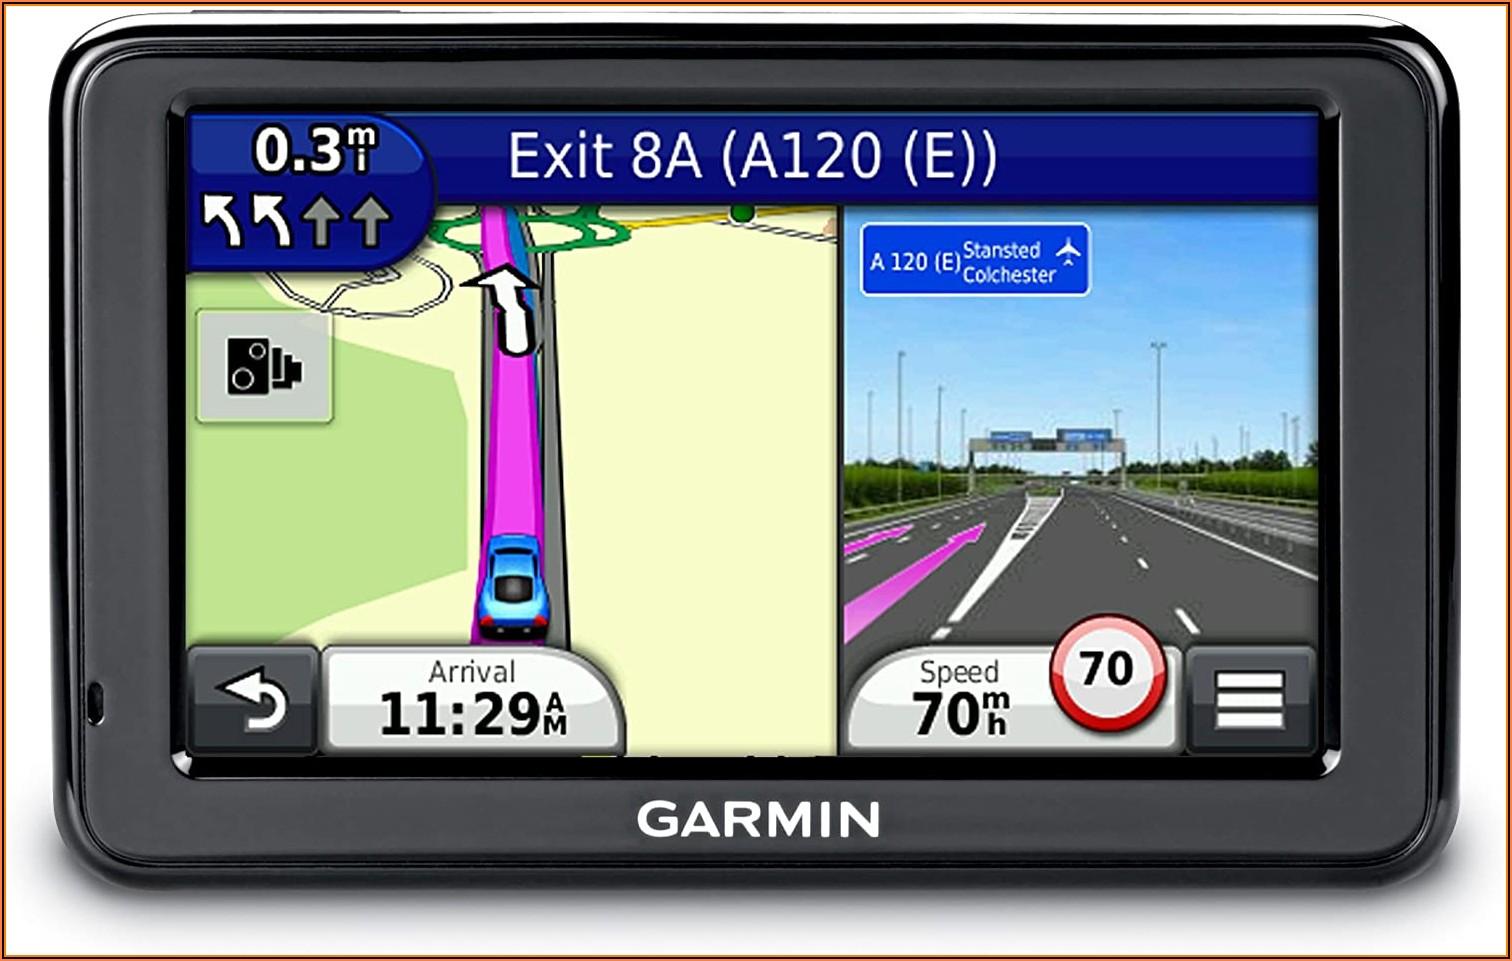 Garmin Nuvi 2445 Usa Maps